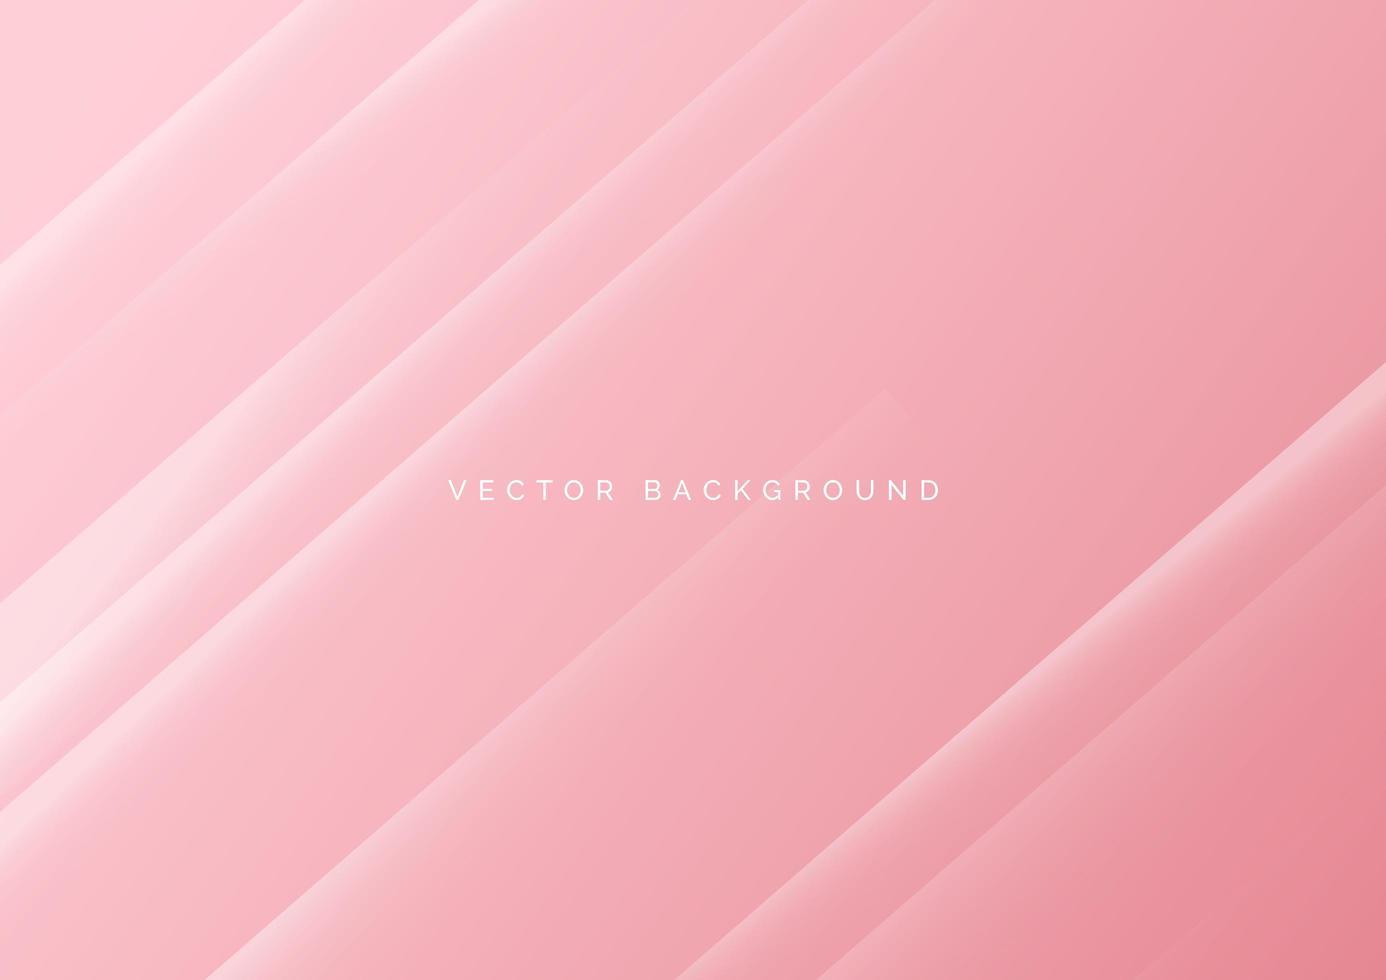 Fondo diagonal rosa claro abstracto vector